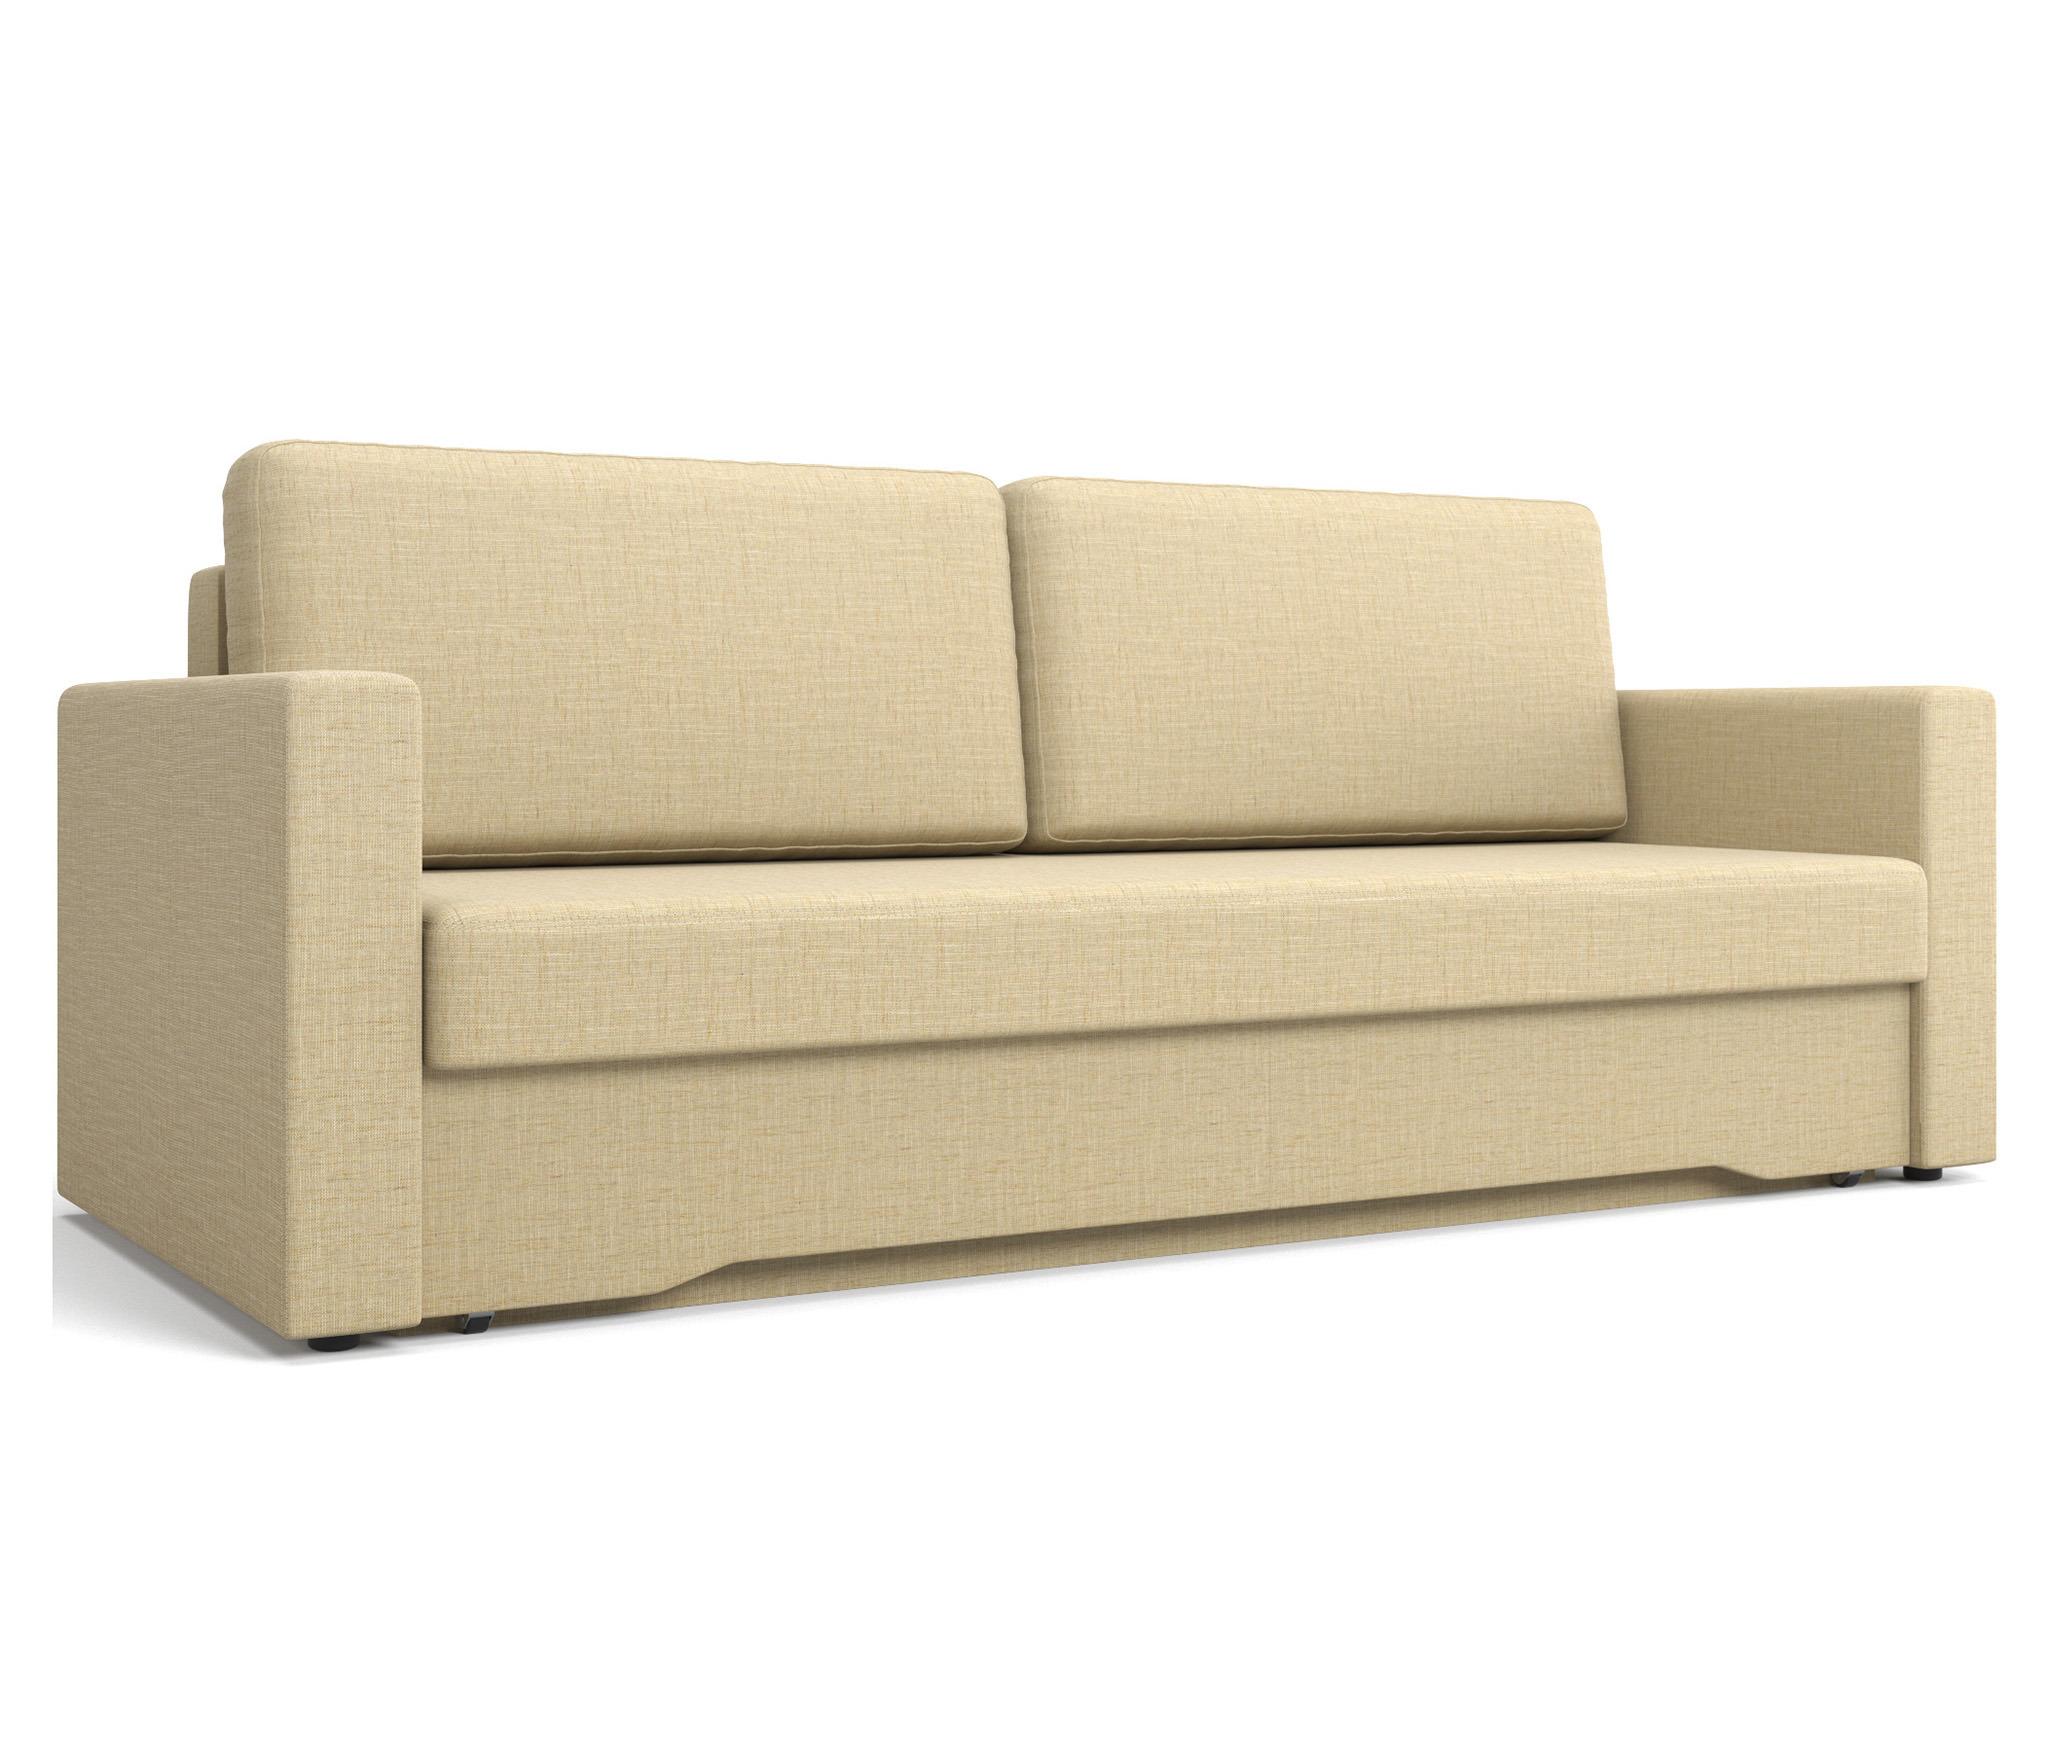 Диван-кровать ДжессикаМягкая мебель<br>Механизм трансформации: Еврокнижка&#13;Наличие ящика для белья: да&#13;Материал каркаса: Массив, Фанера&#13;Наполнитель: ППУ&#13;Размер спального места: 1460х2000 мм&#13;Высота сиденья от пола: 45см]]&gt;<br><br>Длина мм: 2300<br>Высота мм: 930<br>Глубина мм: 1040